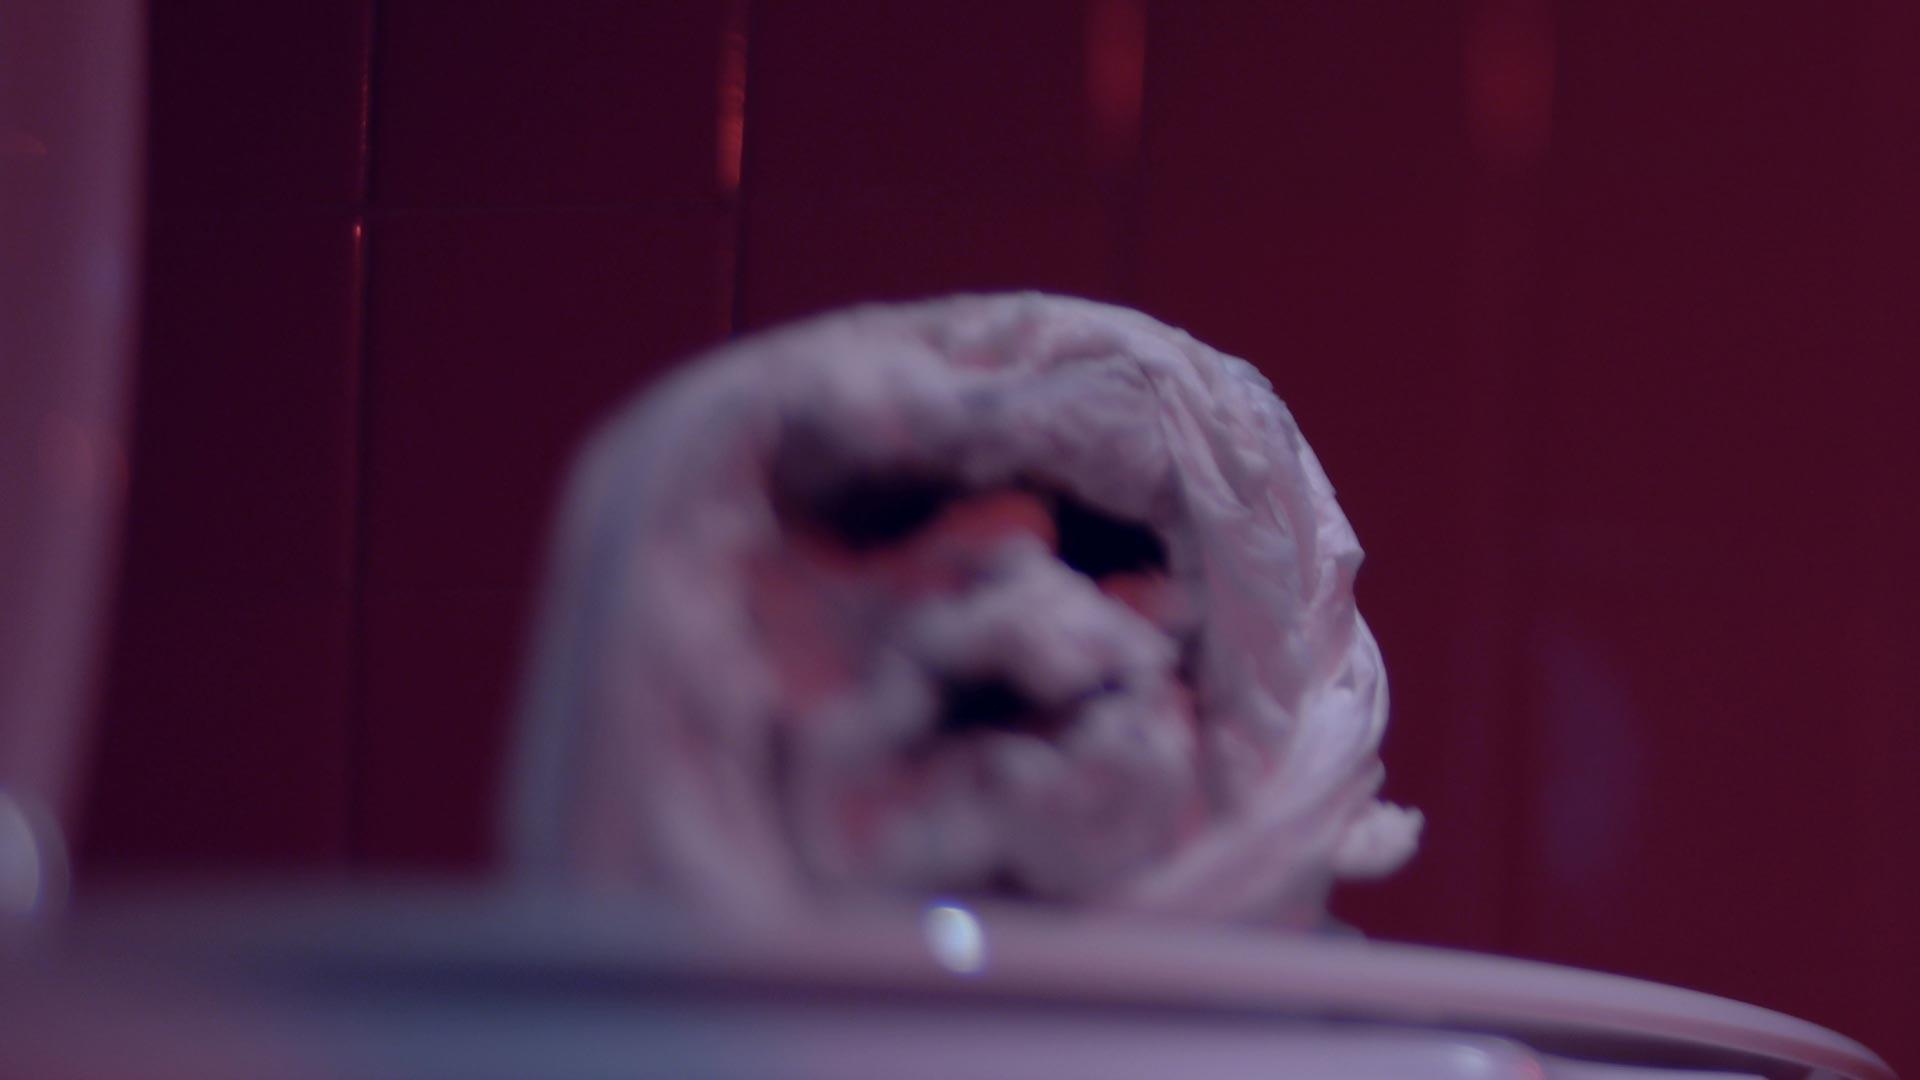 NRH - Toilet Monster (Hi-Res).jpg